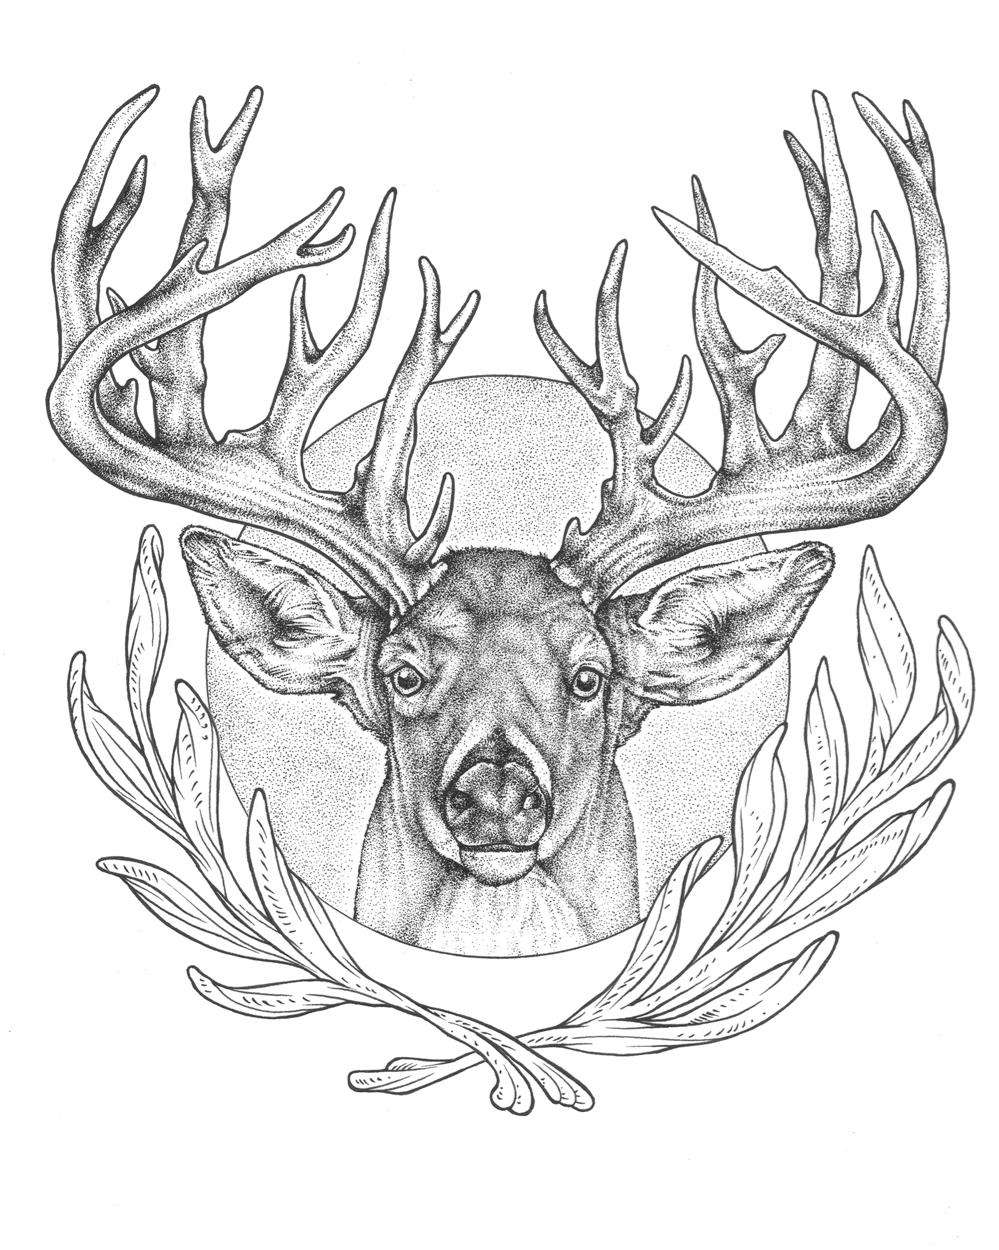 Elk Head Drawing at GetDrawings.com | Free for personal use Elk Head ...